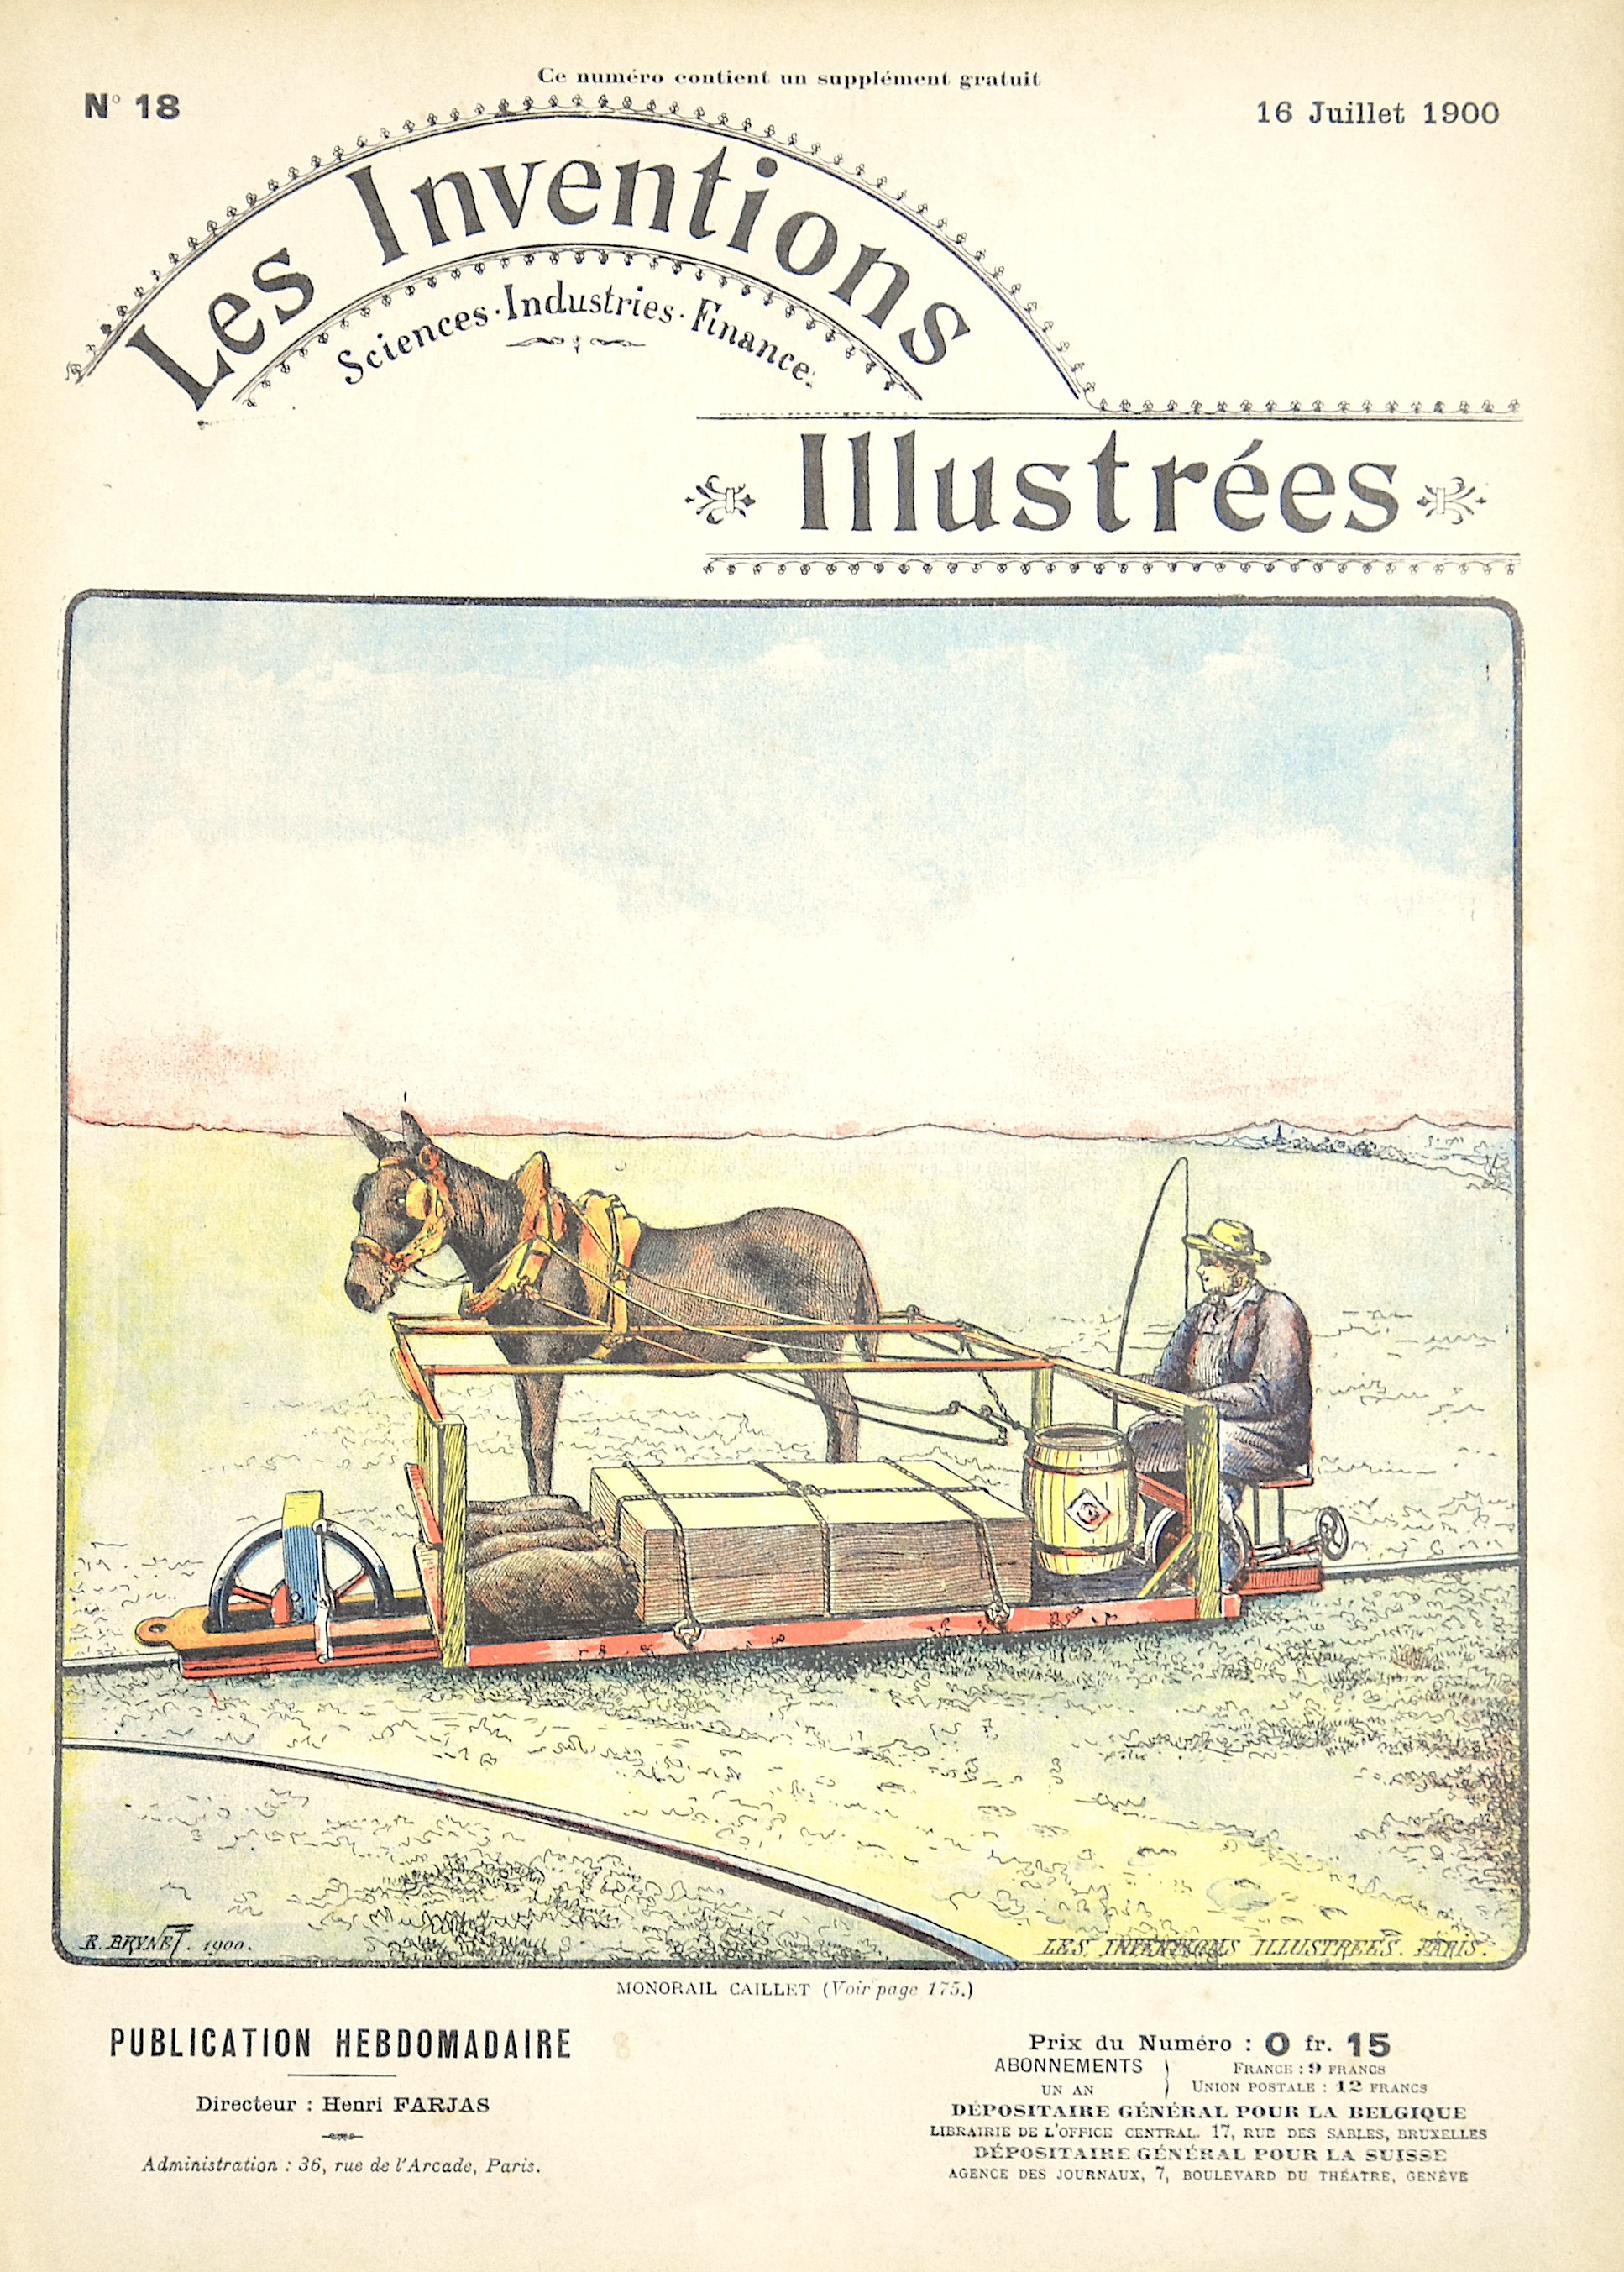 Brunet E. Les Inventions Illustrées / Monorail Caillet